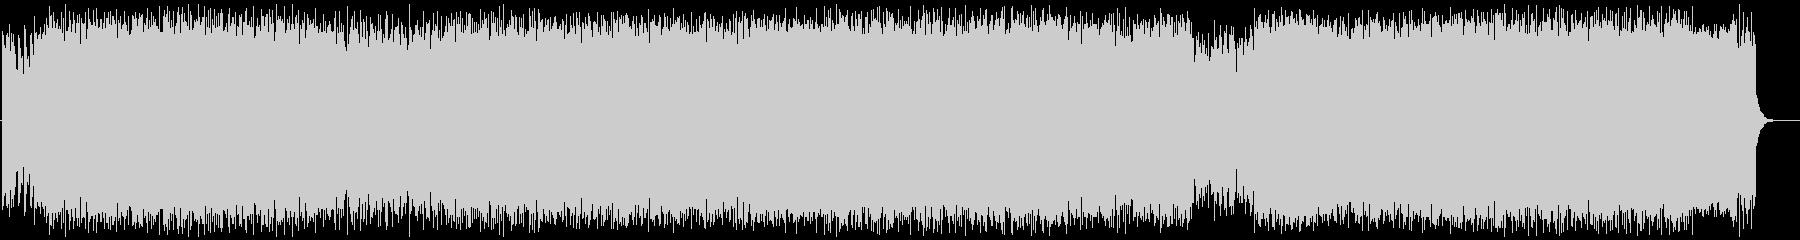 切ないミディアムテンポのロックの未再生の波形